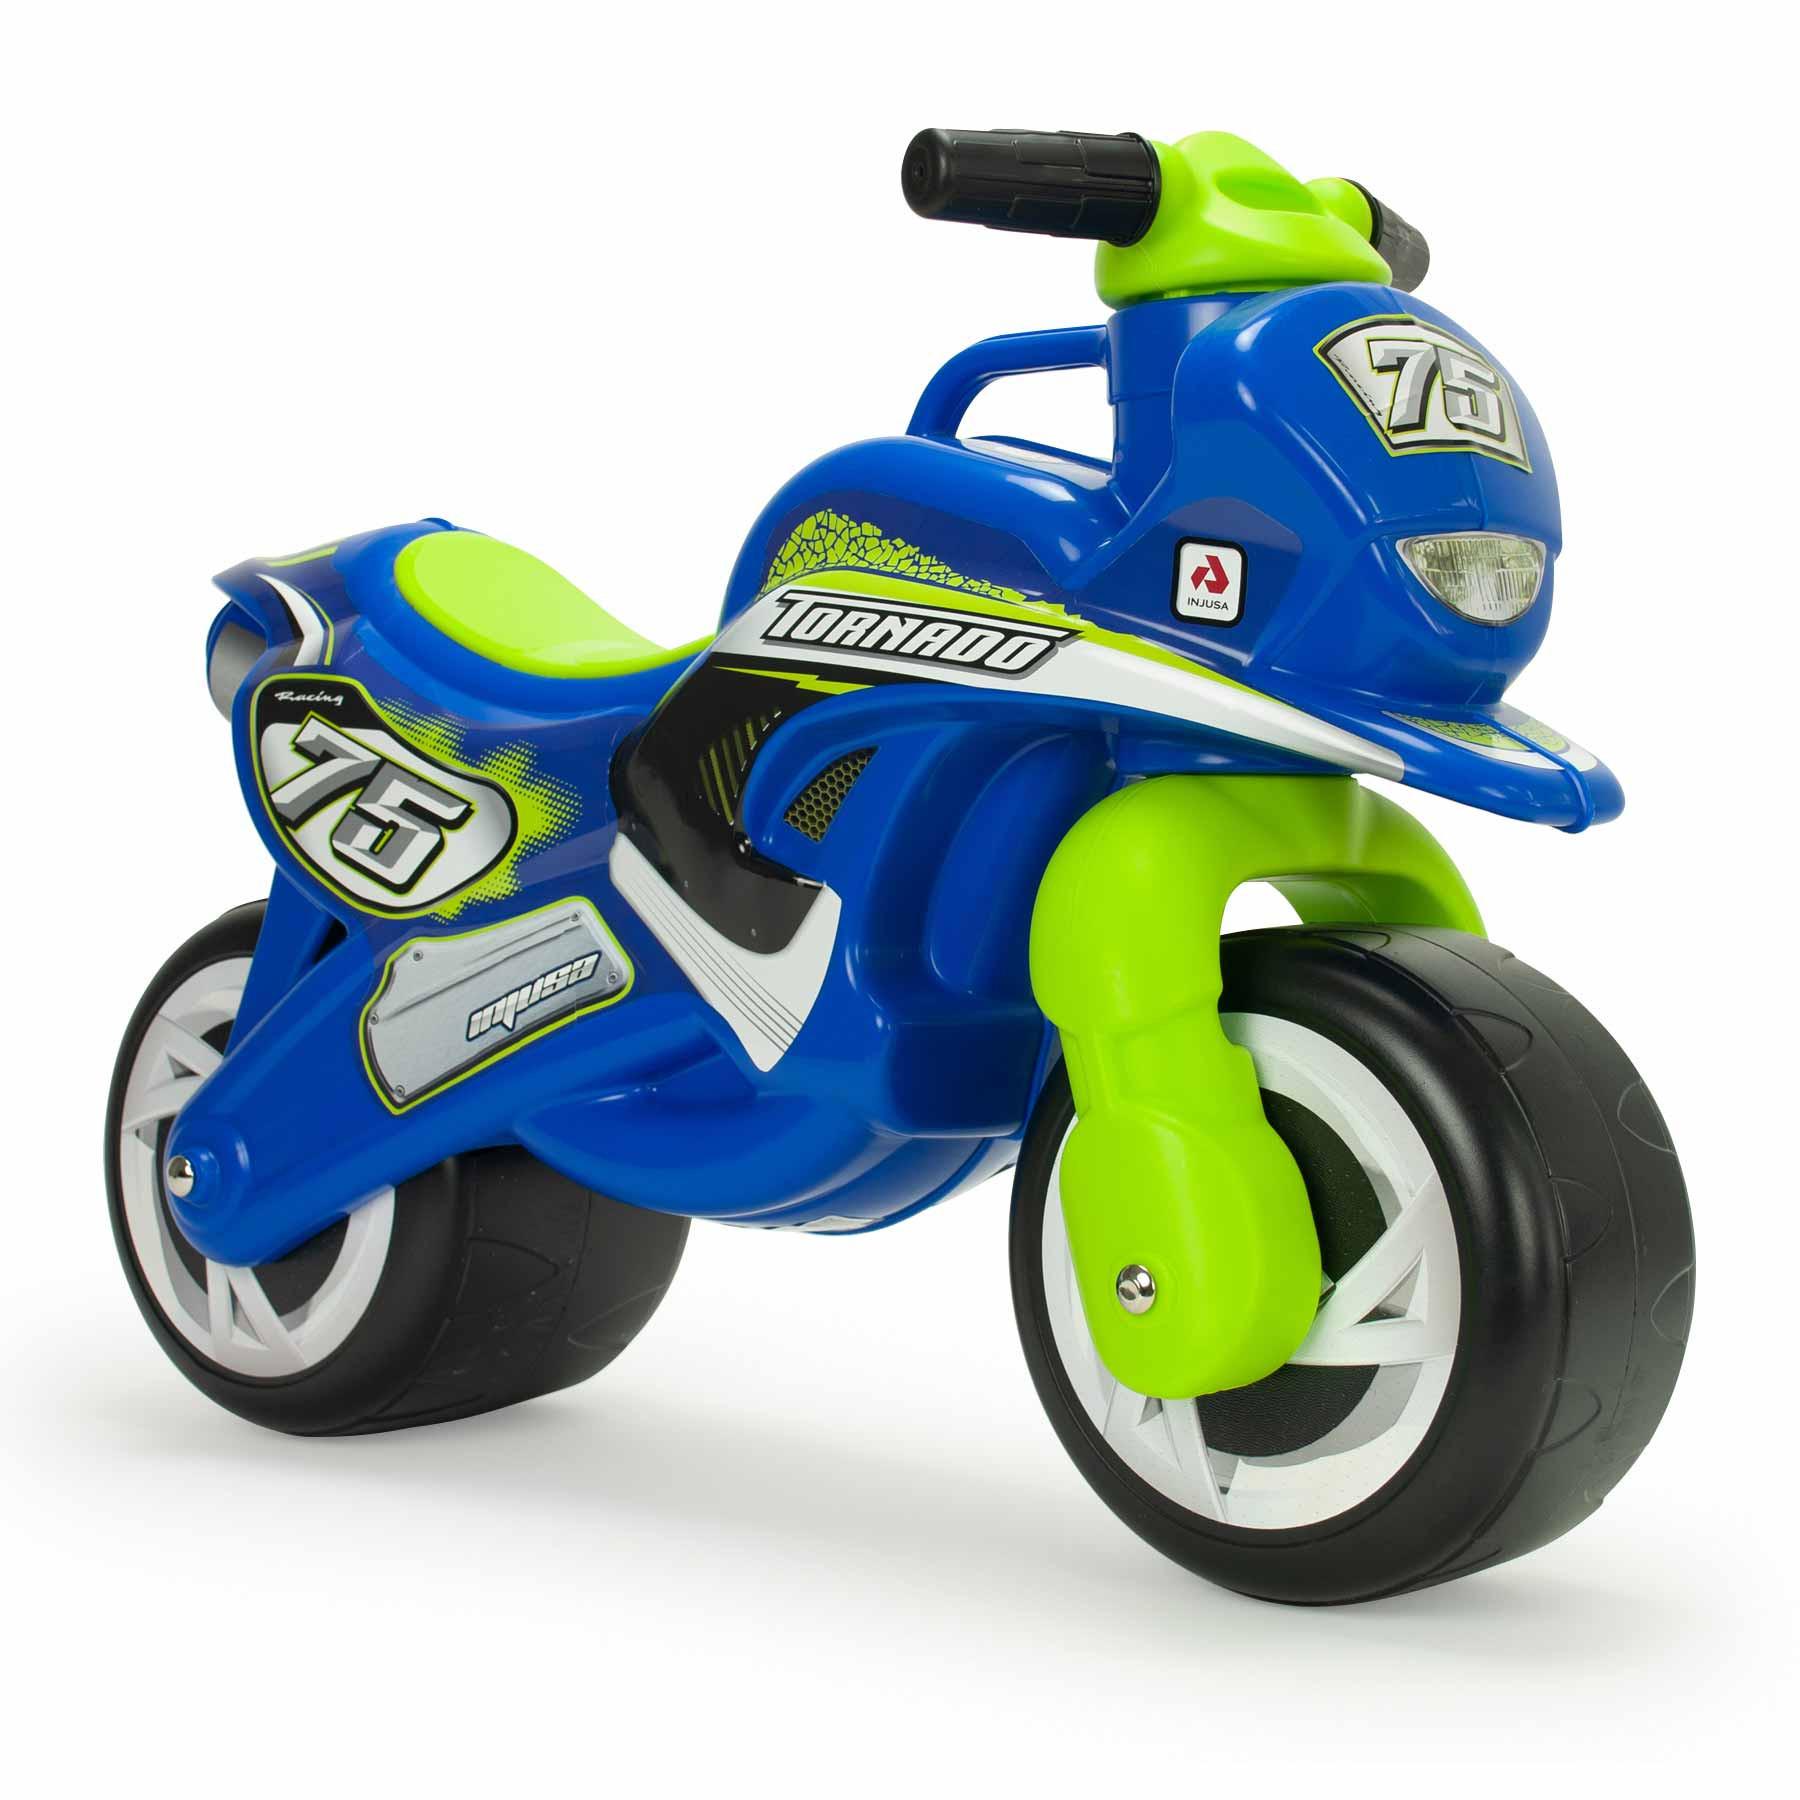 Moto Correpasillos Tundra Tornado Color Azul